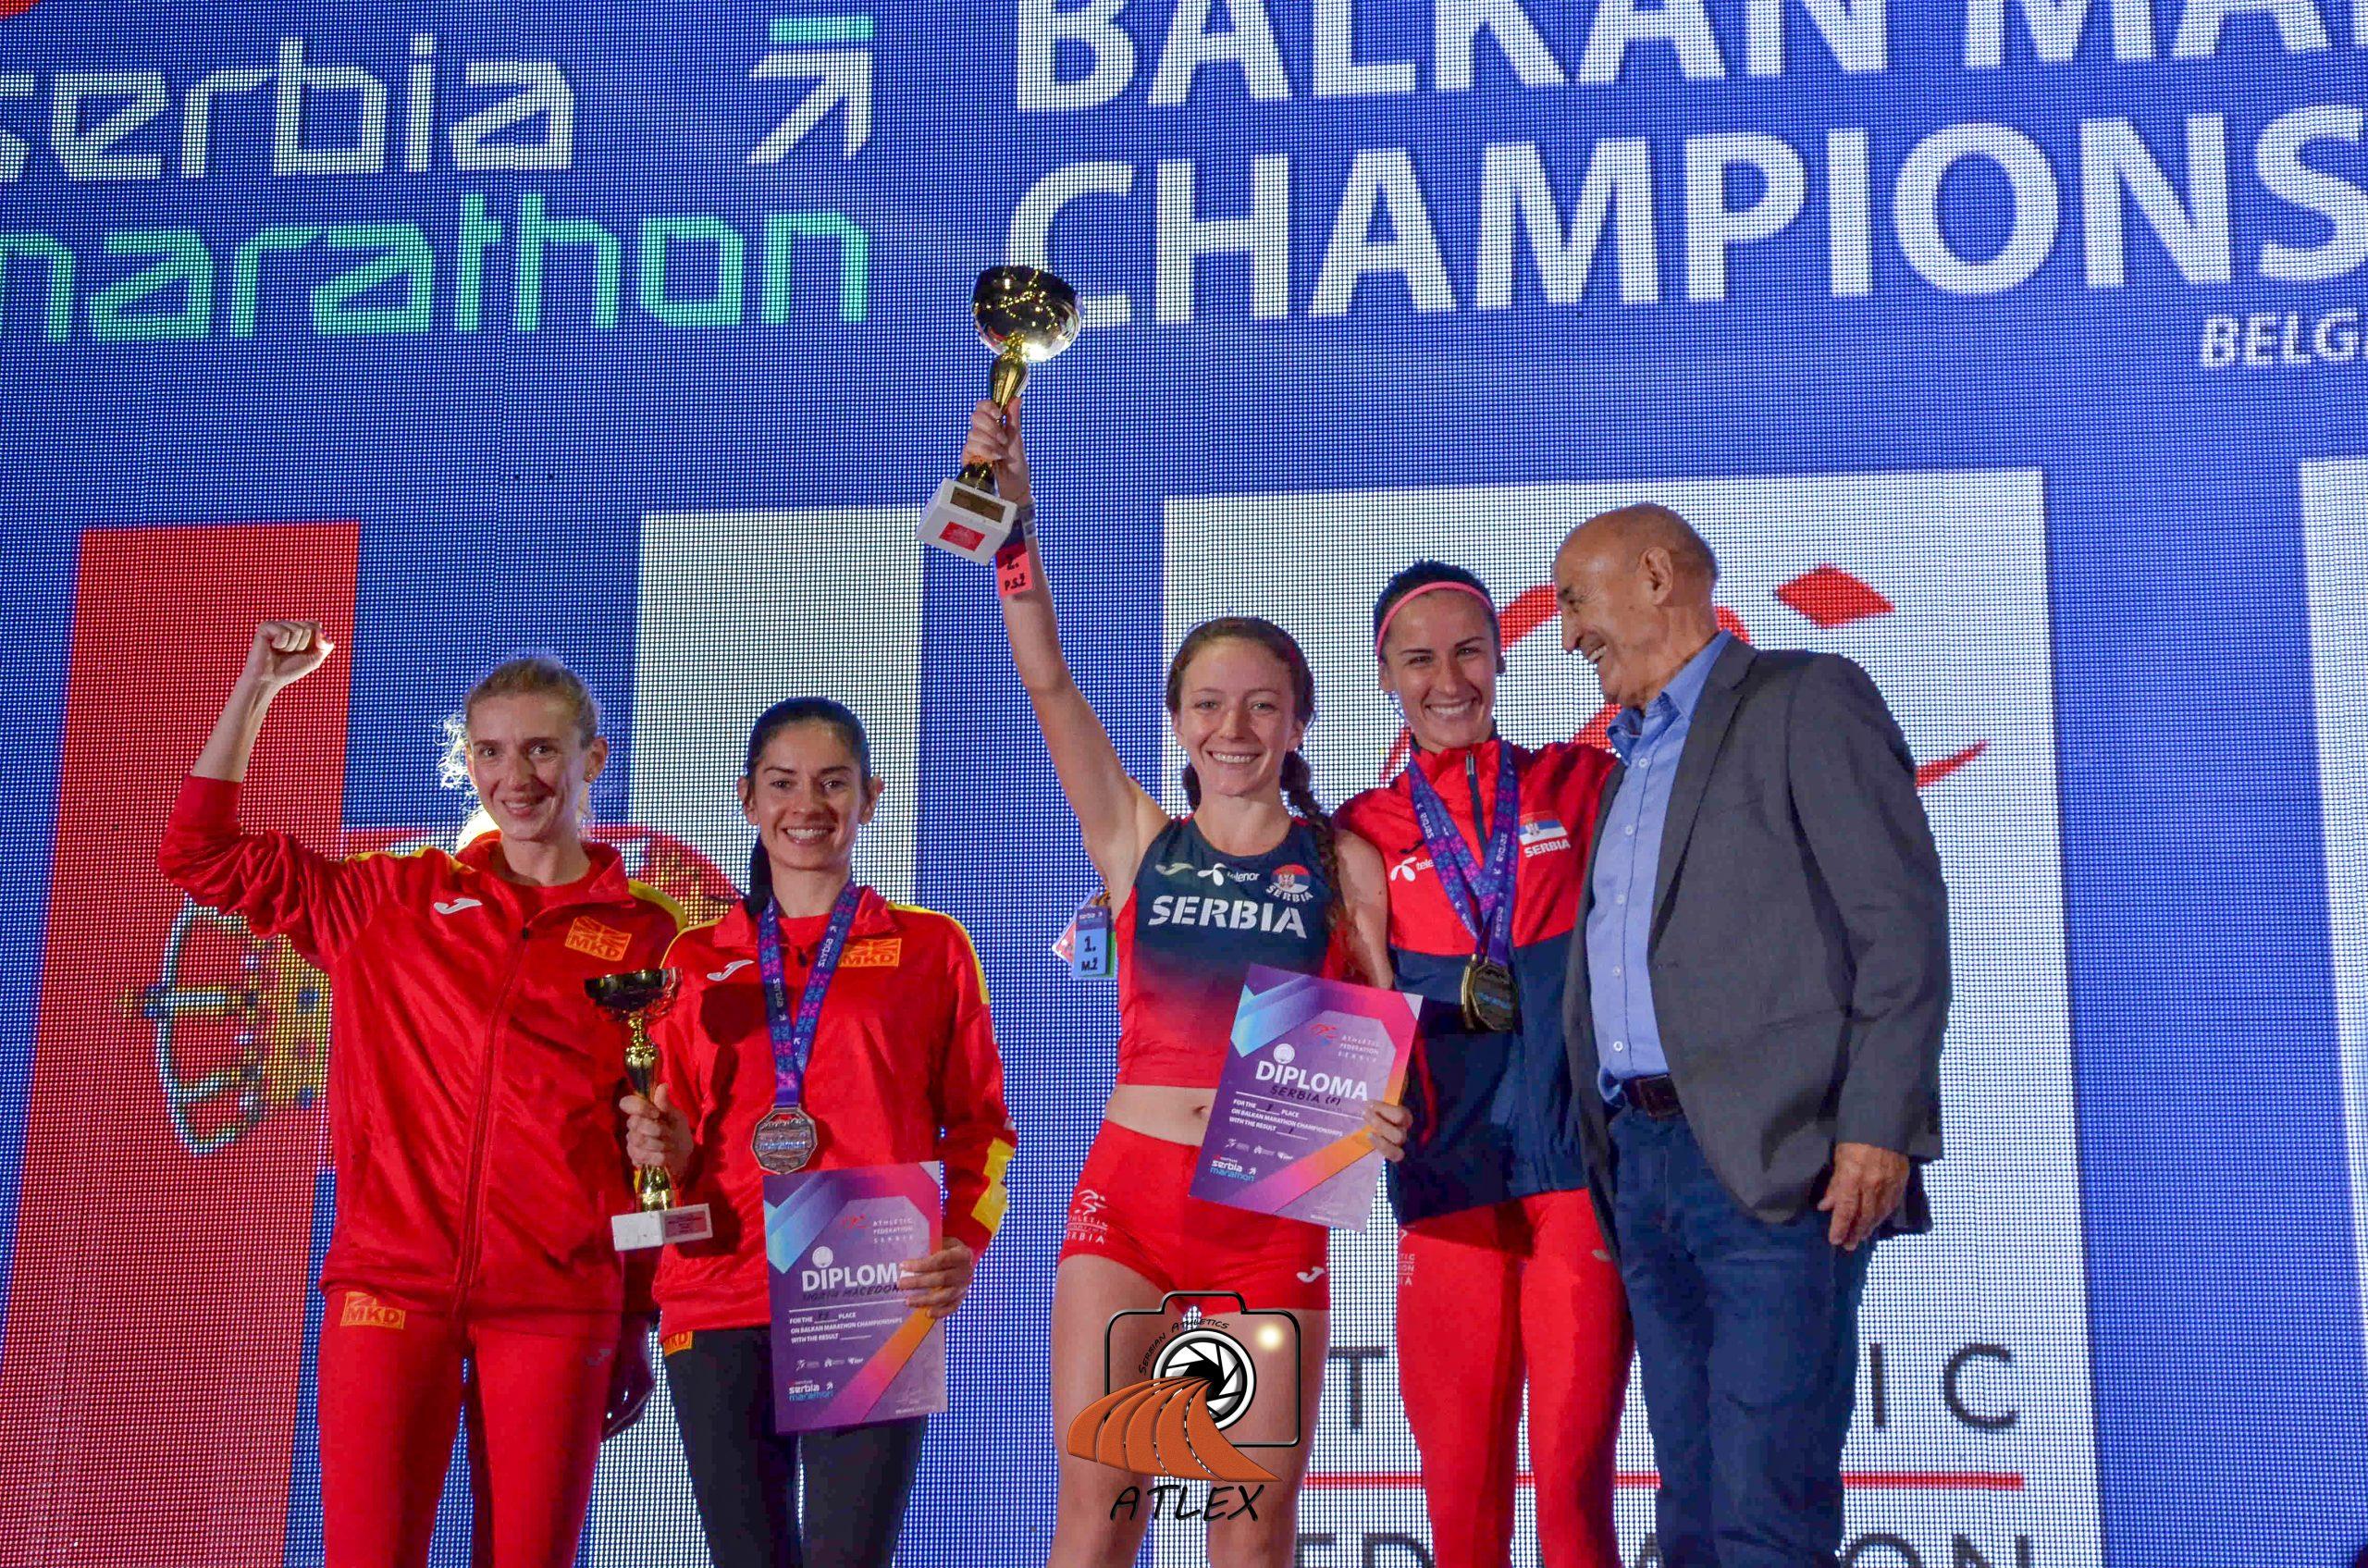 Prvi Comtrade Serbia Marathon, ekipne pobednice Balkana u maratonu: Srbija (Katarinom Pohlod, Teodora Simović), Makedonija (Adrijana Pop Araova, Vesna Kiradzieva)